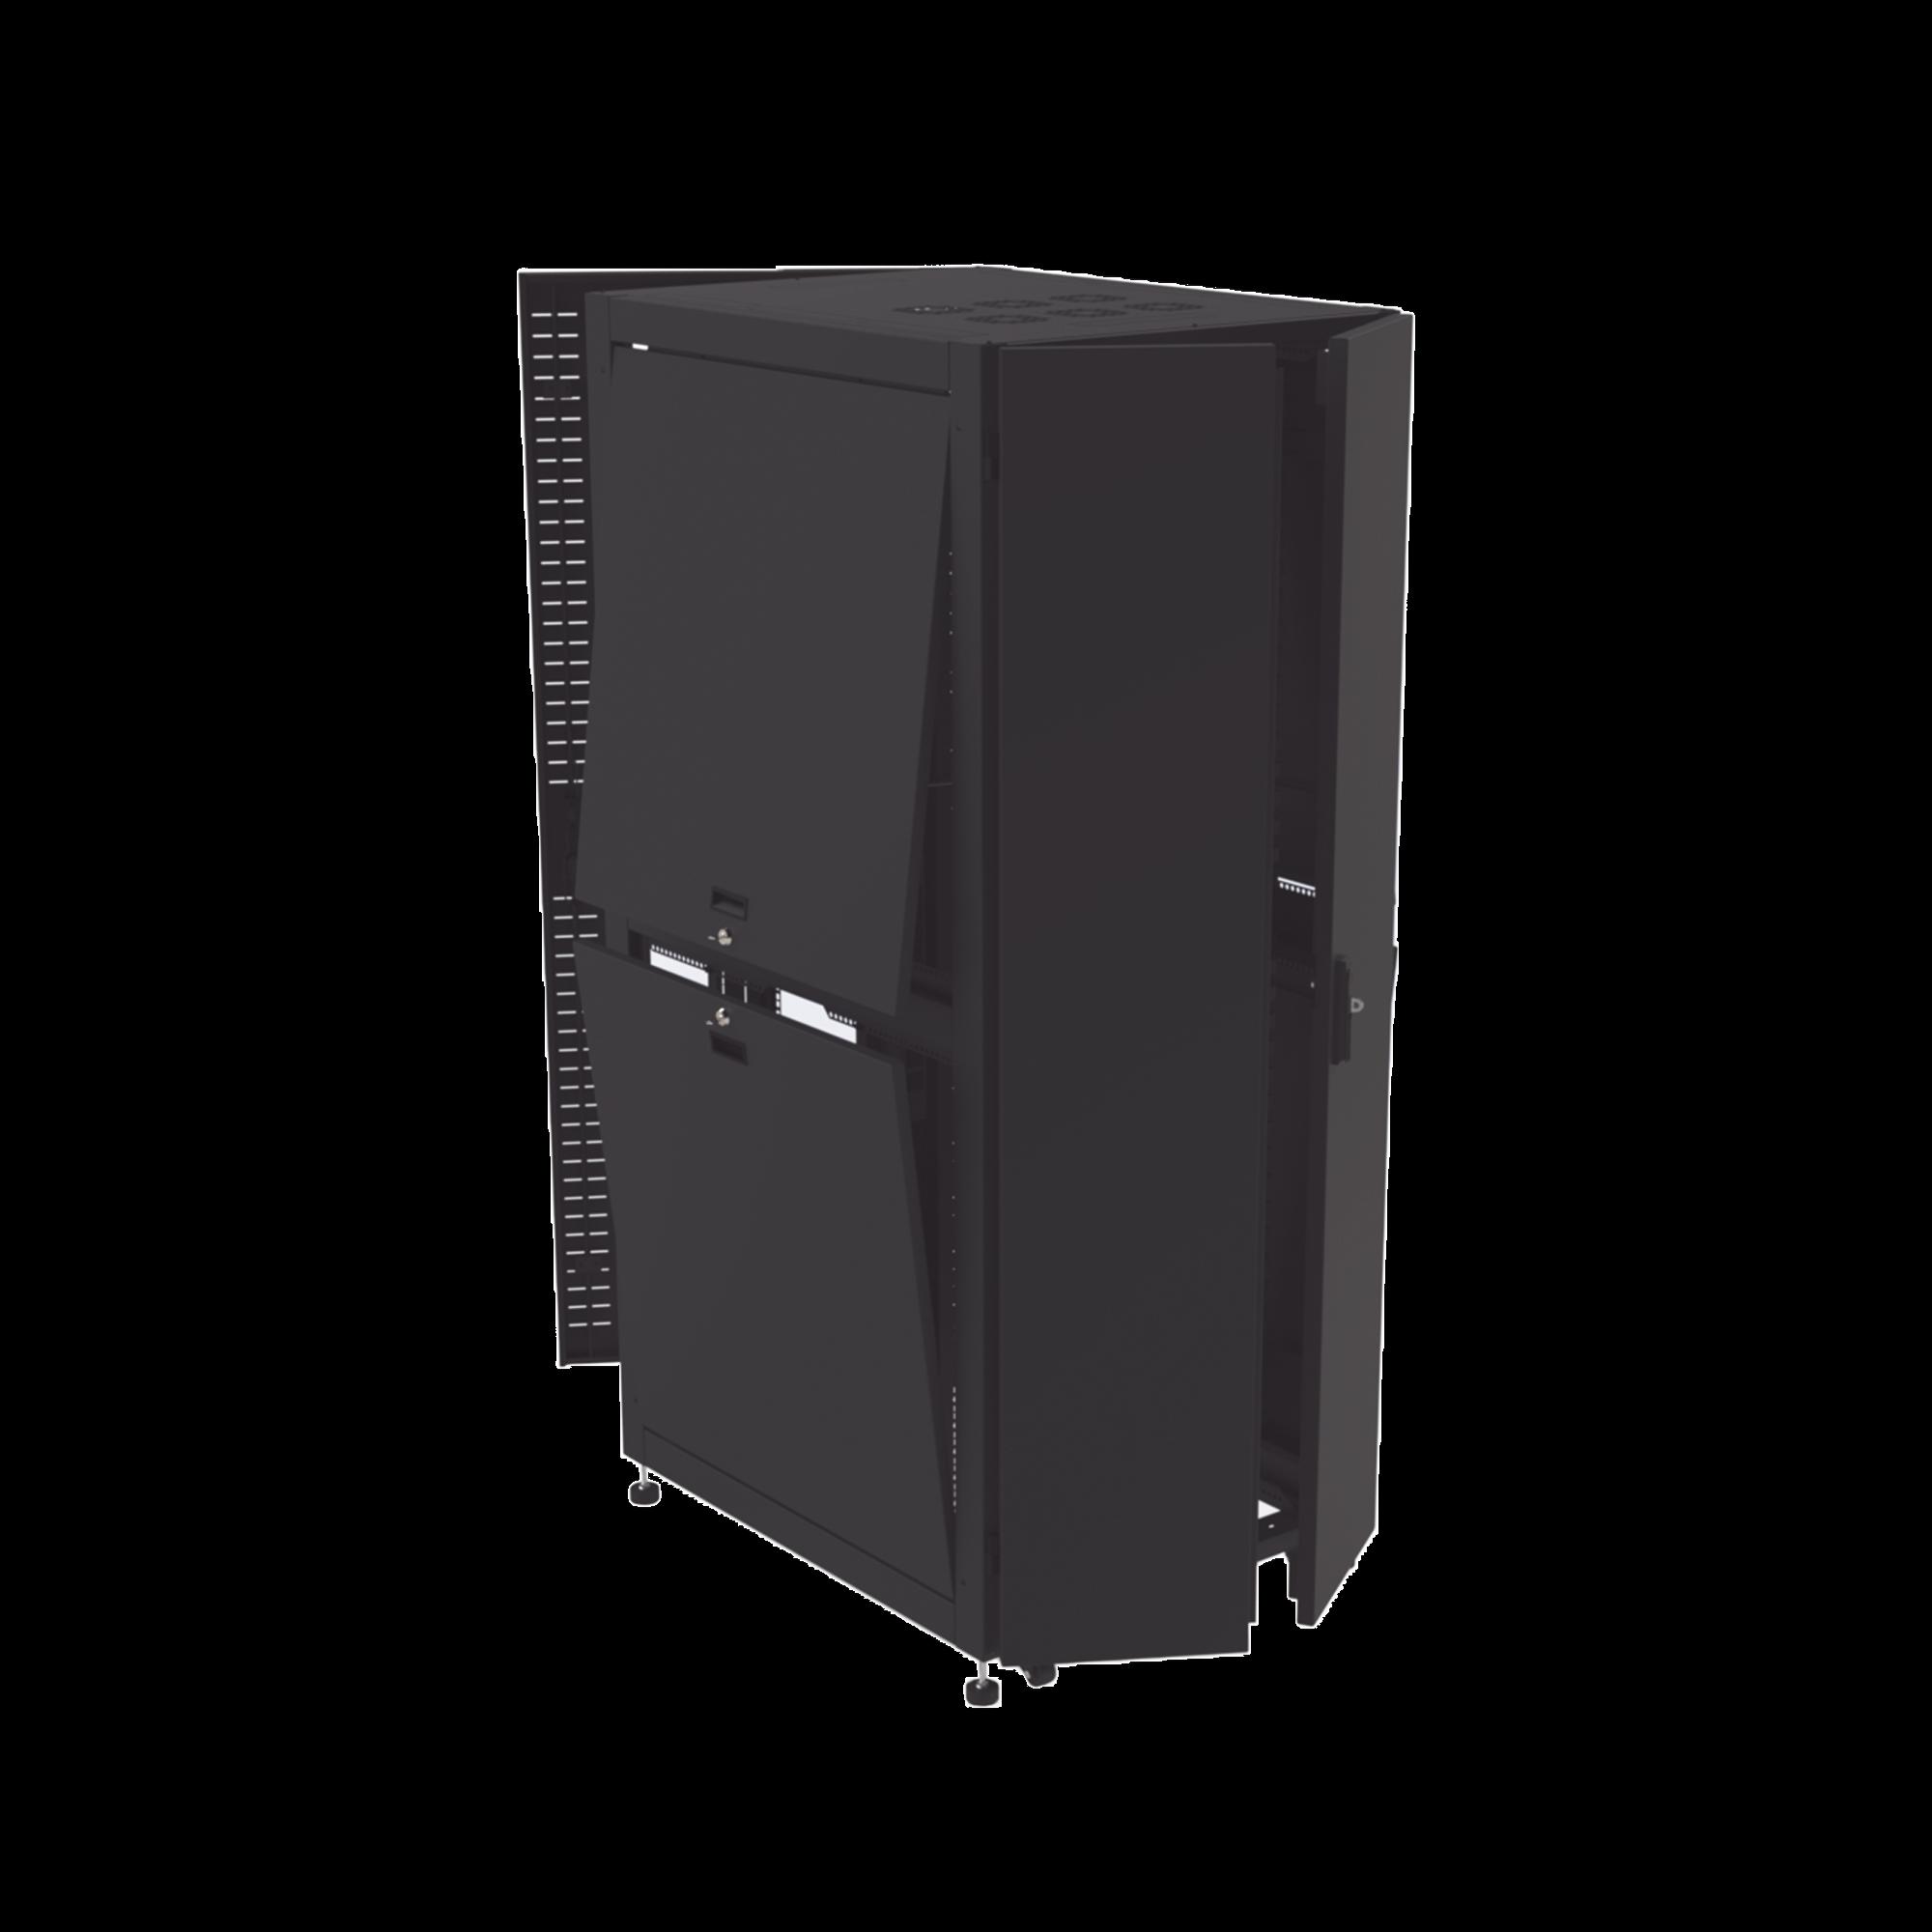 Gabinete para Telecomunicaciones Rack Estándar de 19, 42UR, 800 mm Ancho x 1000 mm Profundidad. Fabricado en Acero.